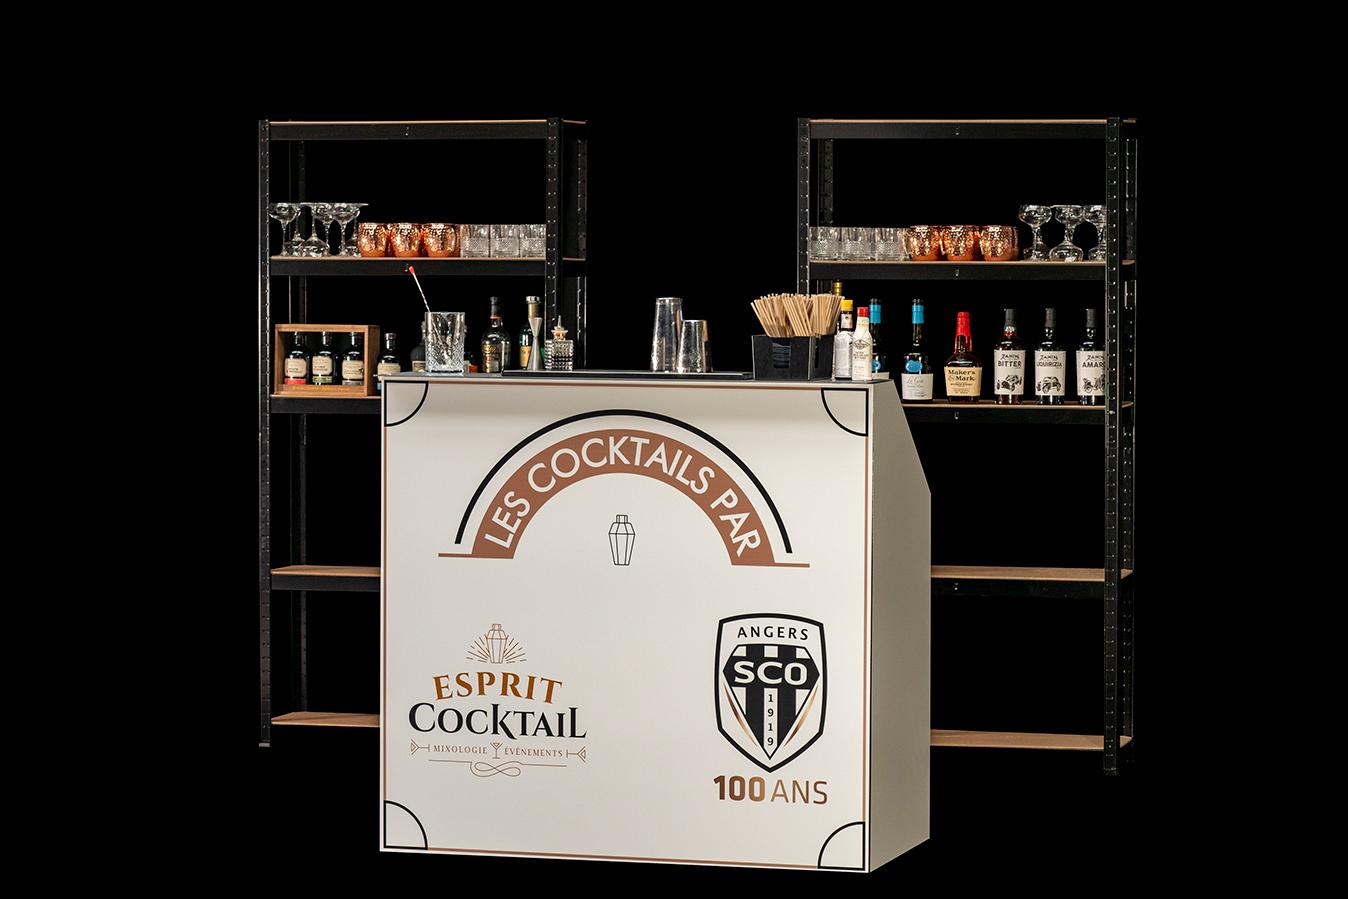 Esprit_Cocktail_bars_sco